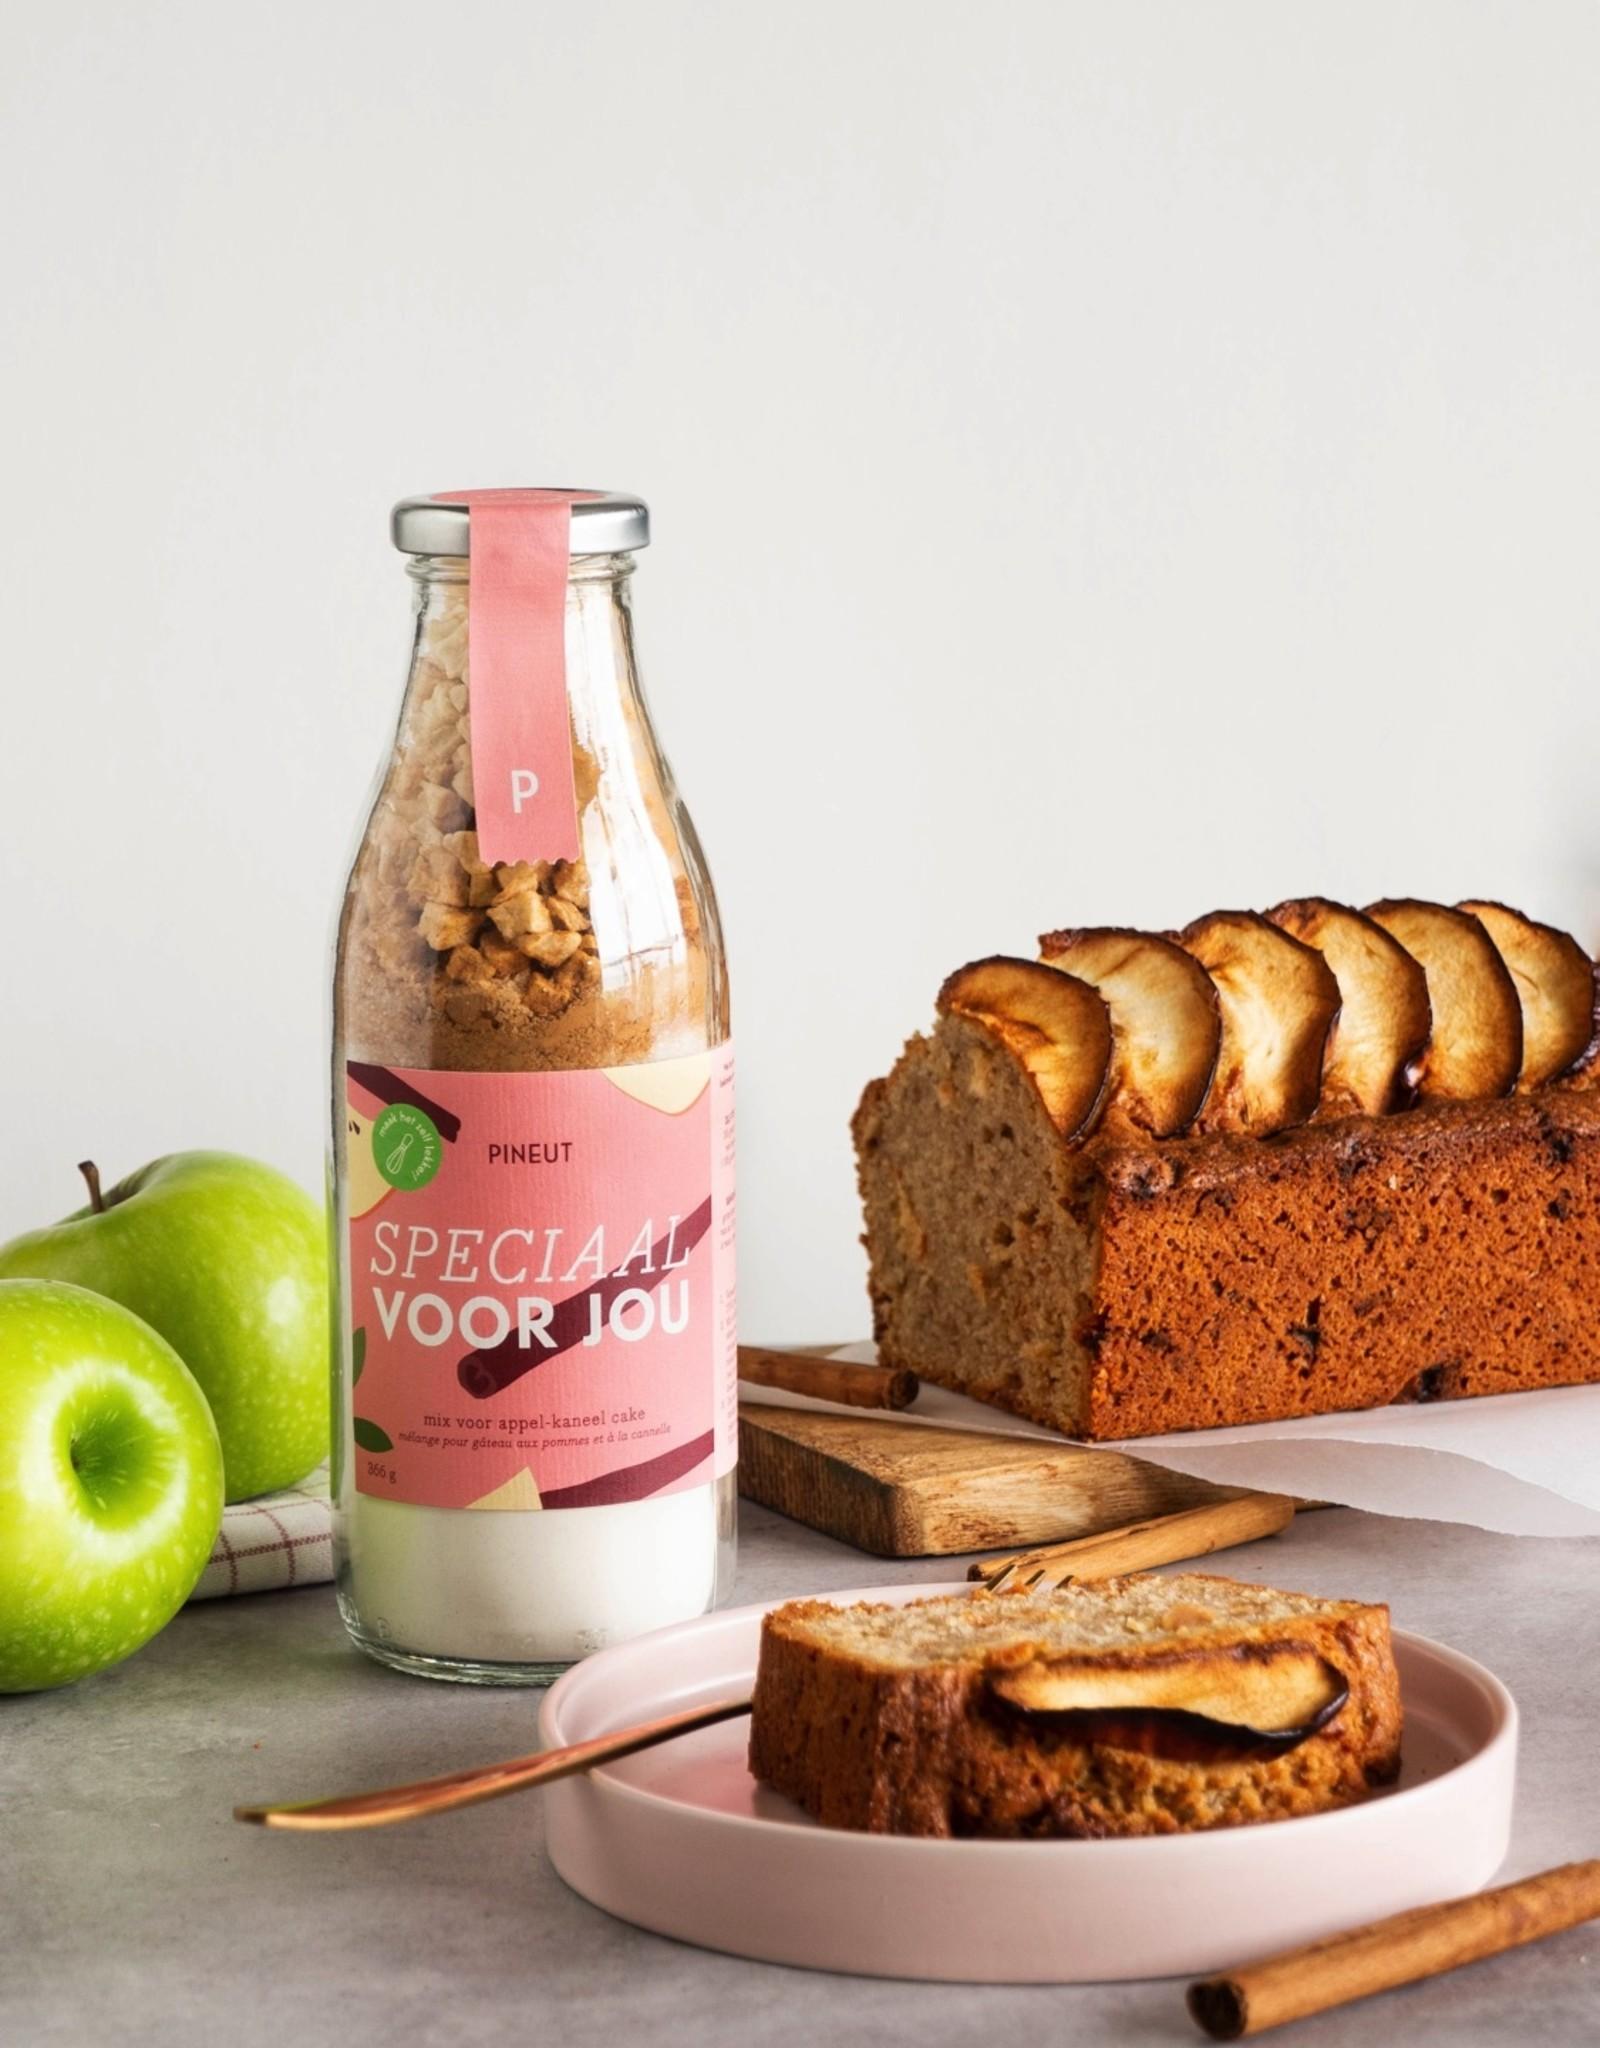 Pineut Pineut DIY Cake Appelkaneel-speciaal voor jou